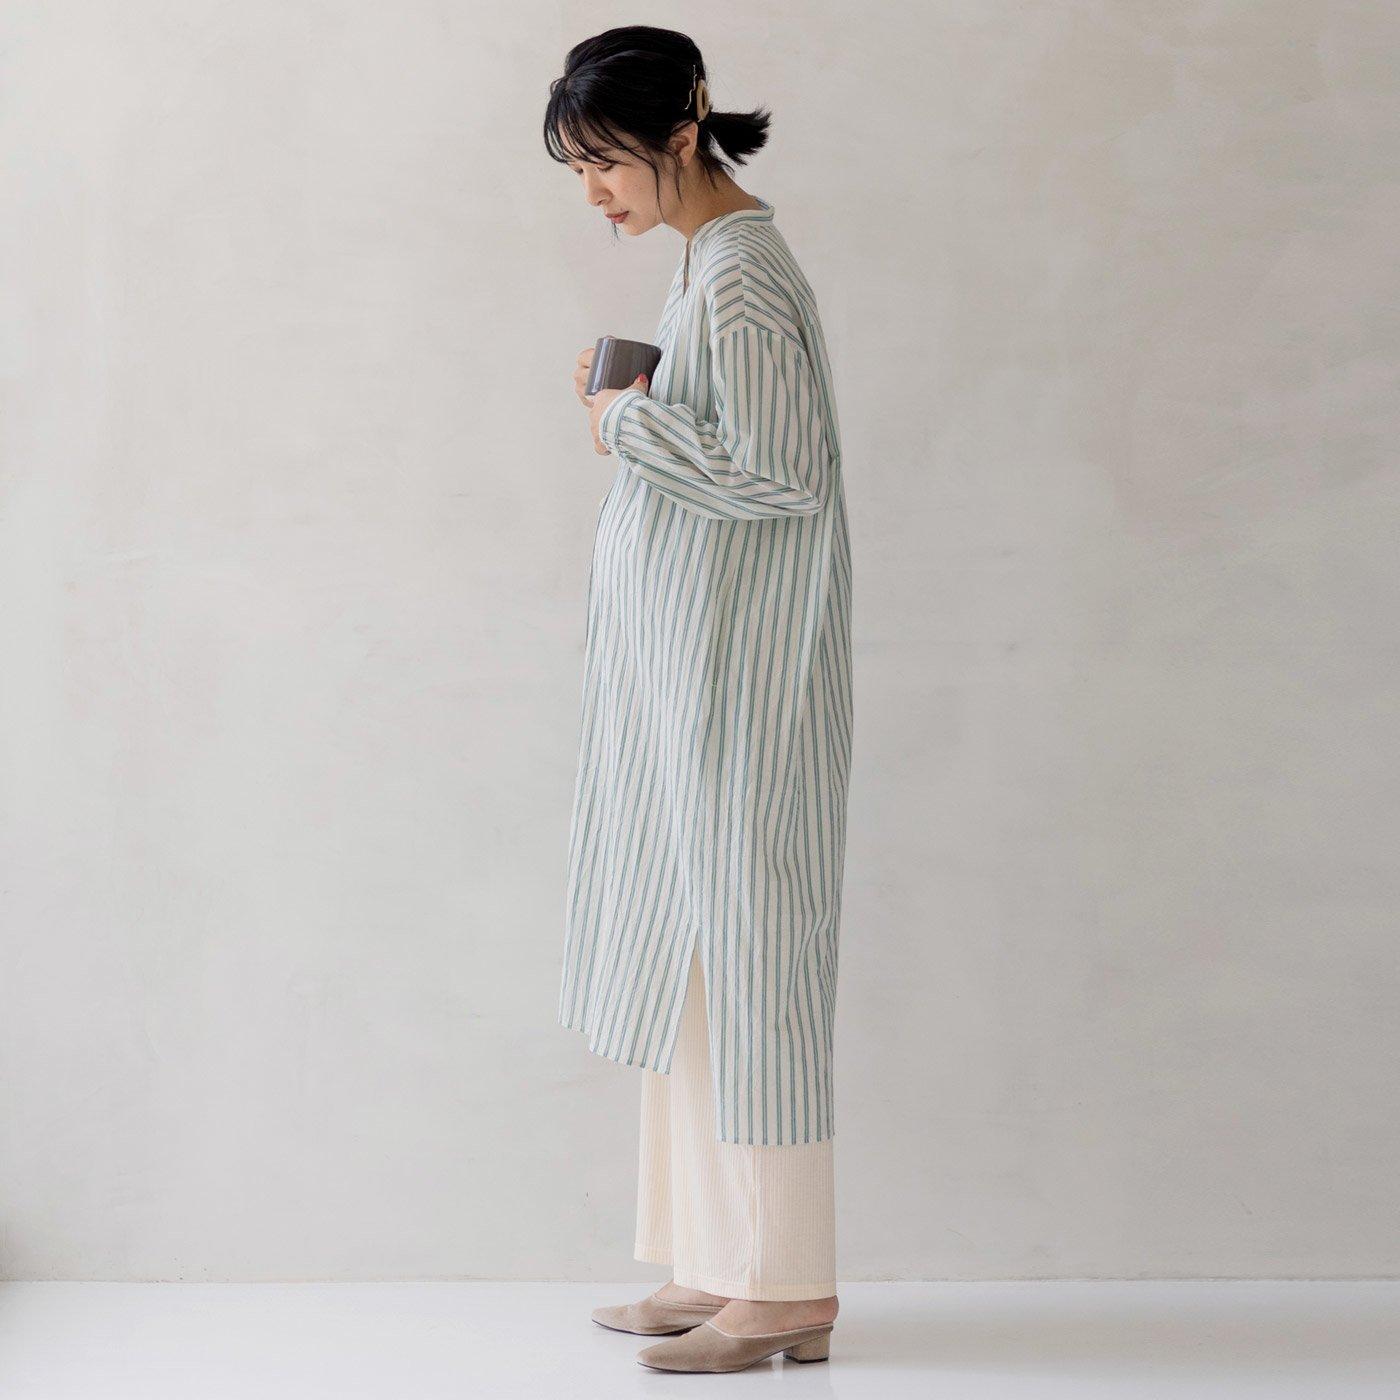 フェリシモMama マタニティから産後も使える ママによりそうストライプワンピースパジャマ〈グリーン〉